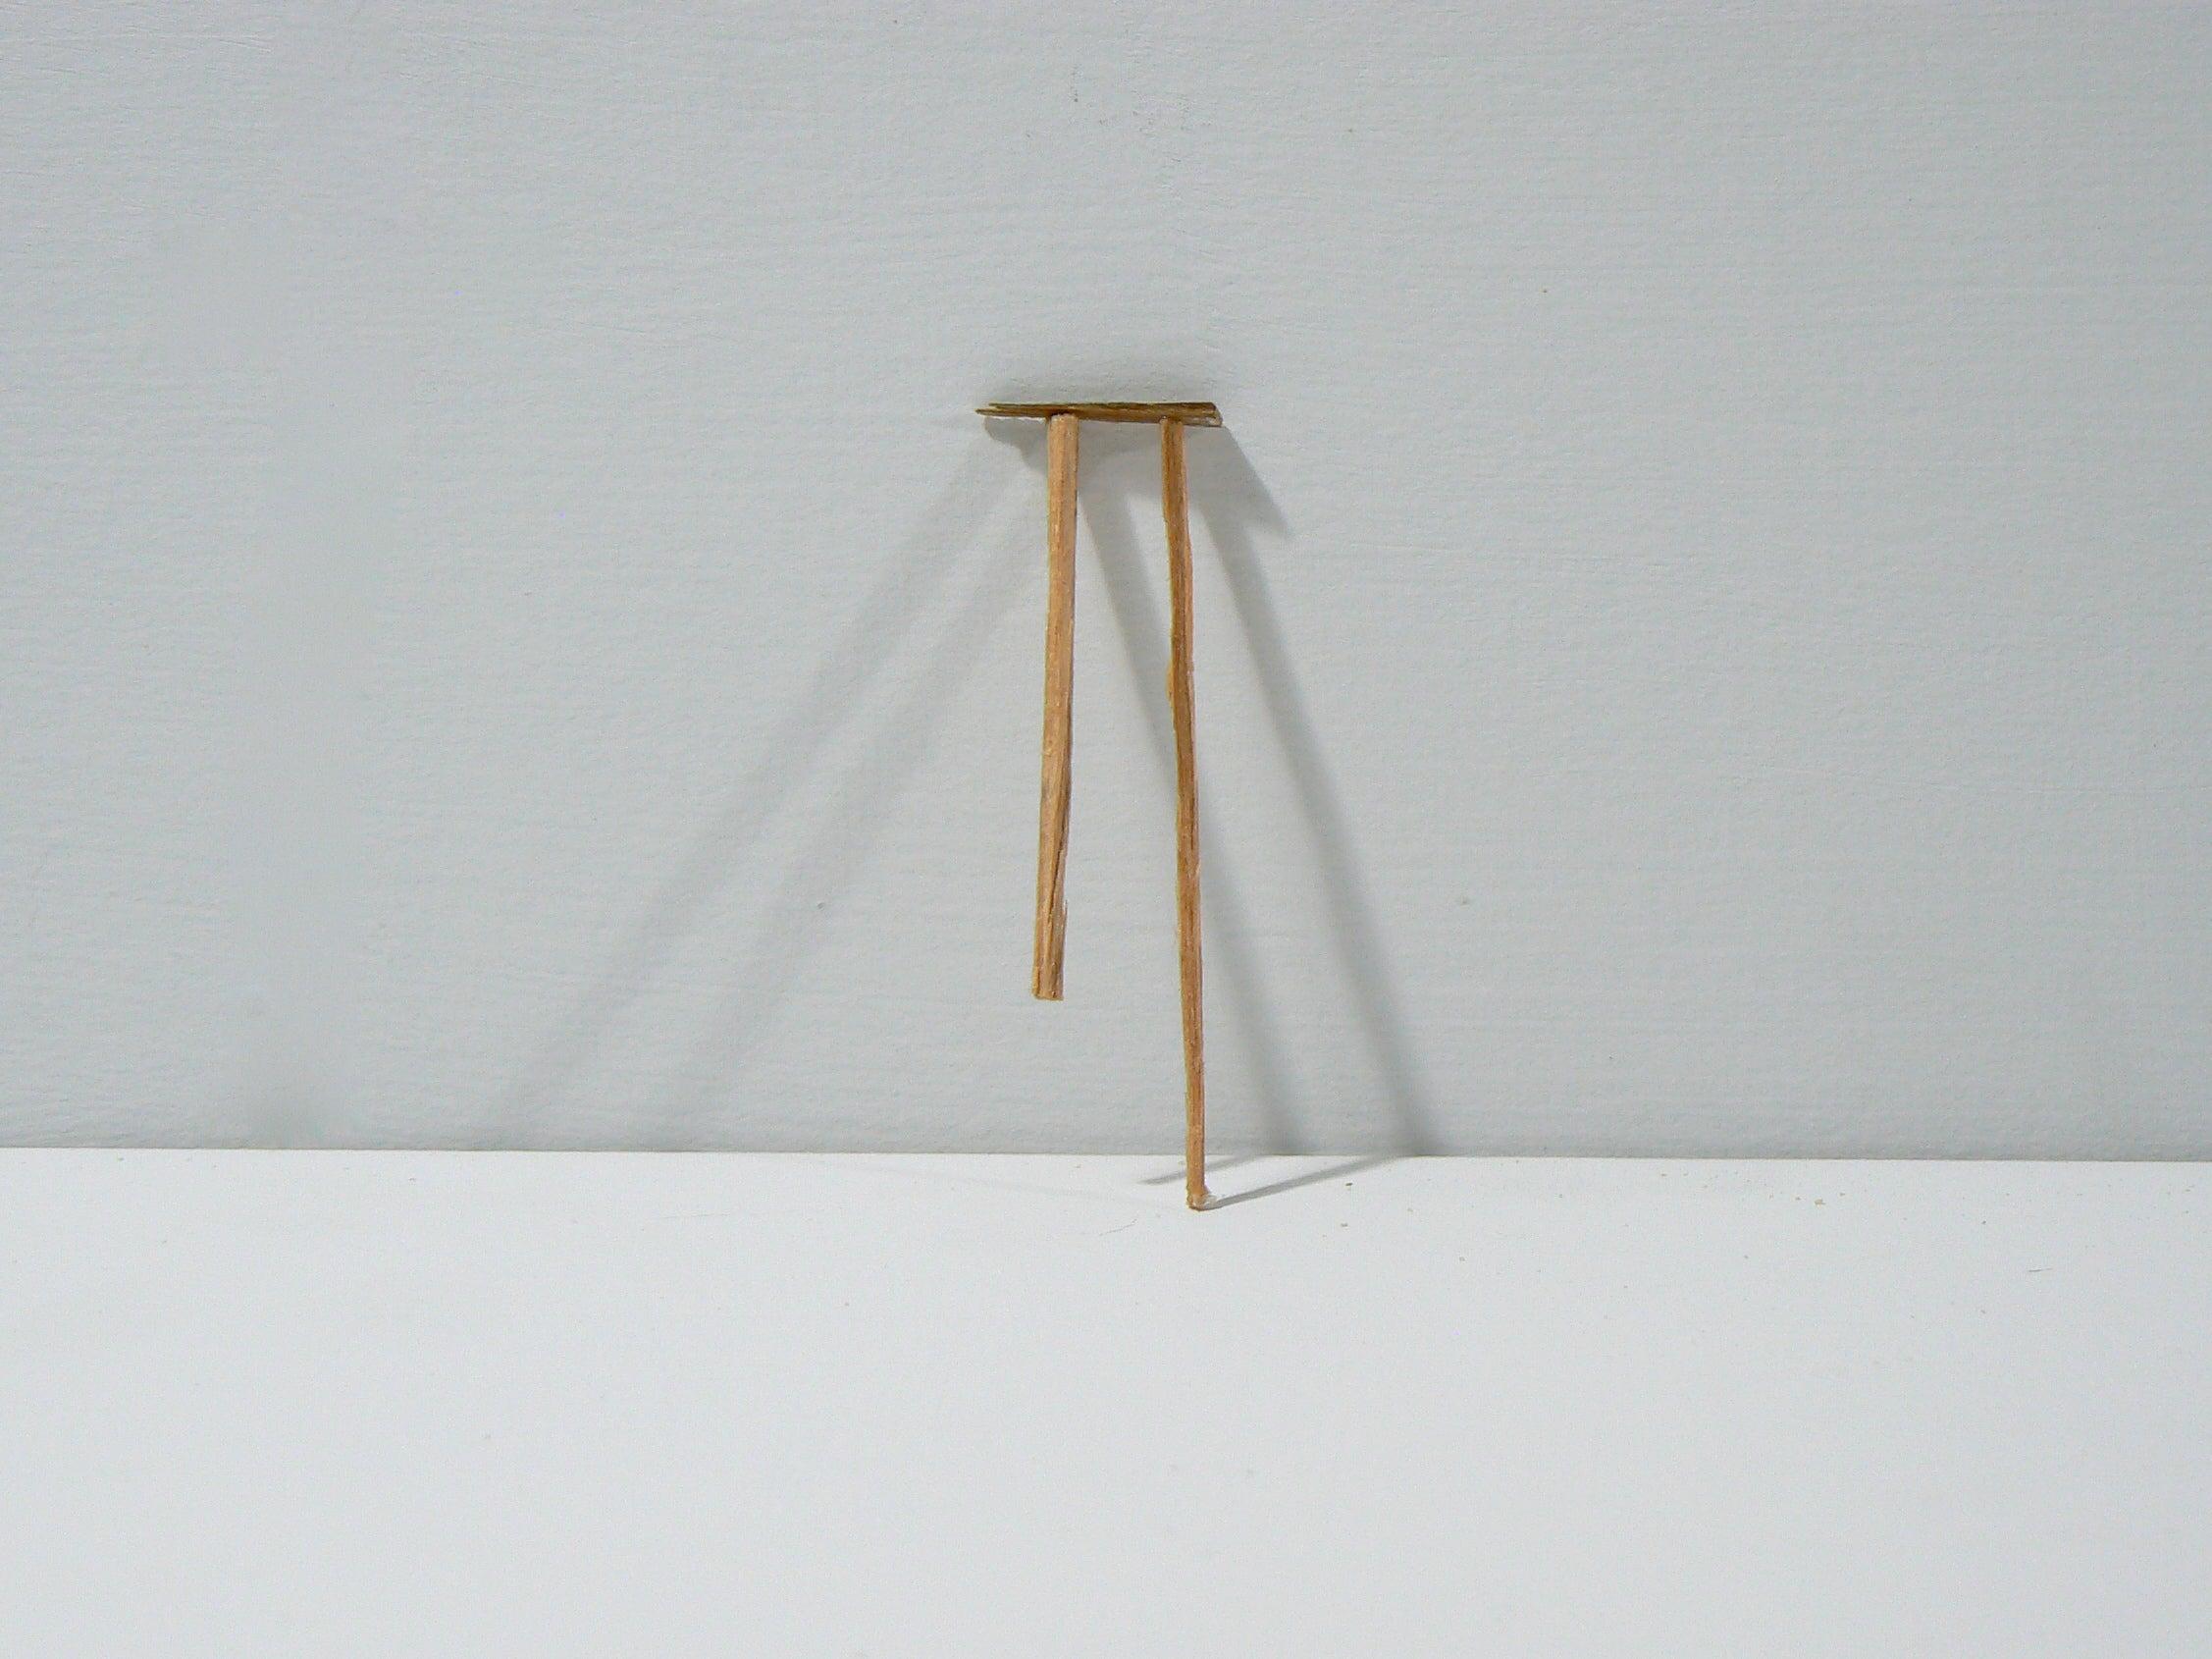 Liz Sweibel, Untitled (Splinter 8 ), 2014, Wood, Paint, Found Objects